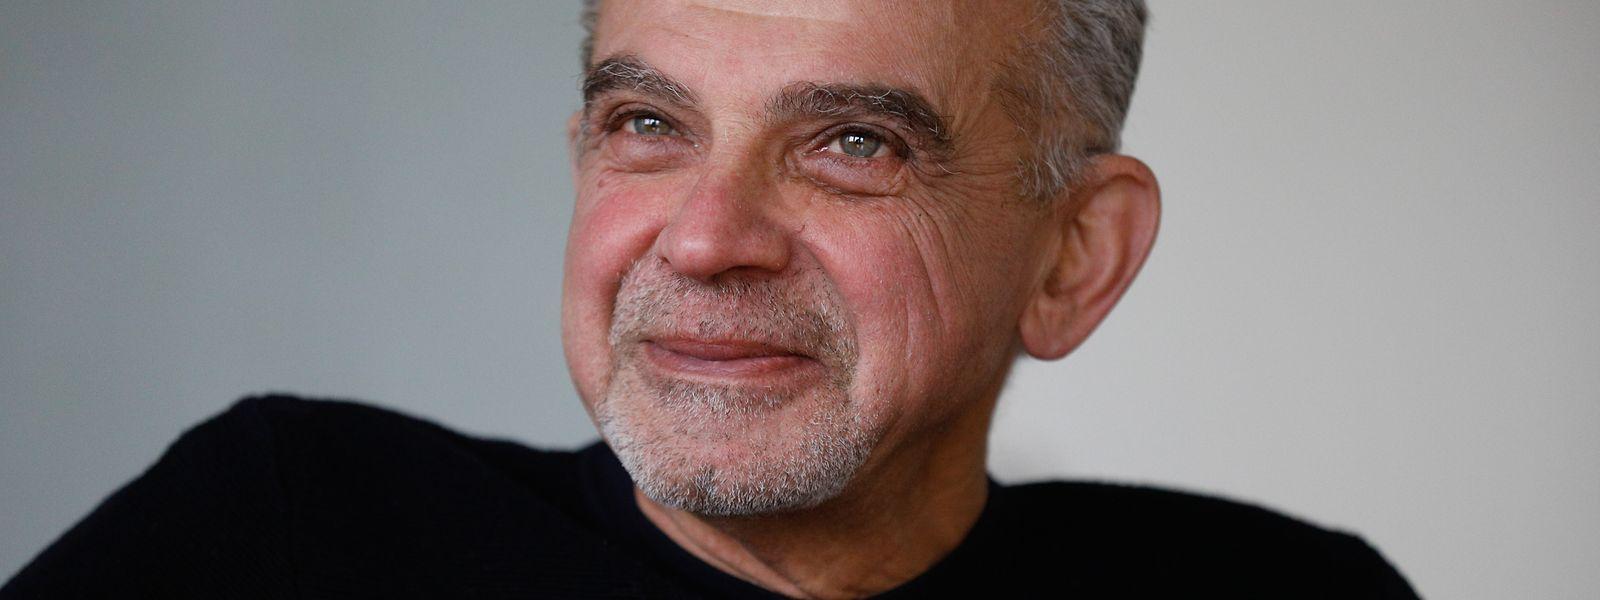 Fari Khabirpour: Der 67-jährige Psychologe und Psychotherapeut war Direktor des Centre psychologique et d'orientation scolaire (CPOS) und Direktor des Centre de rétention auf Findel.